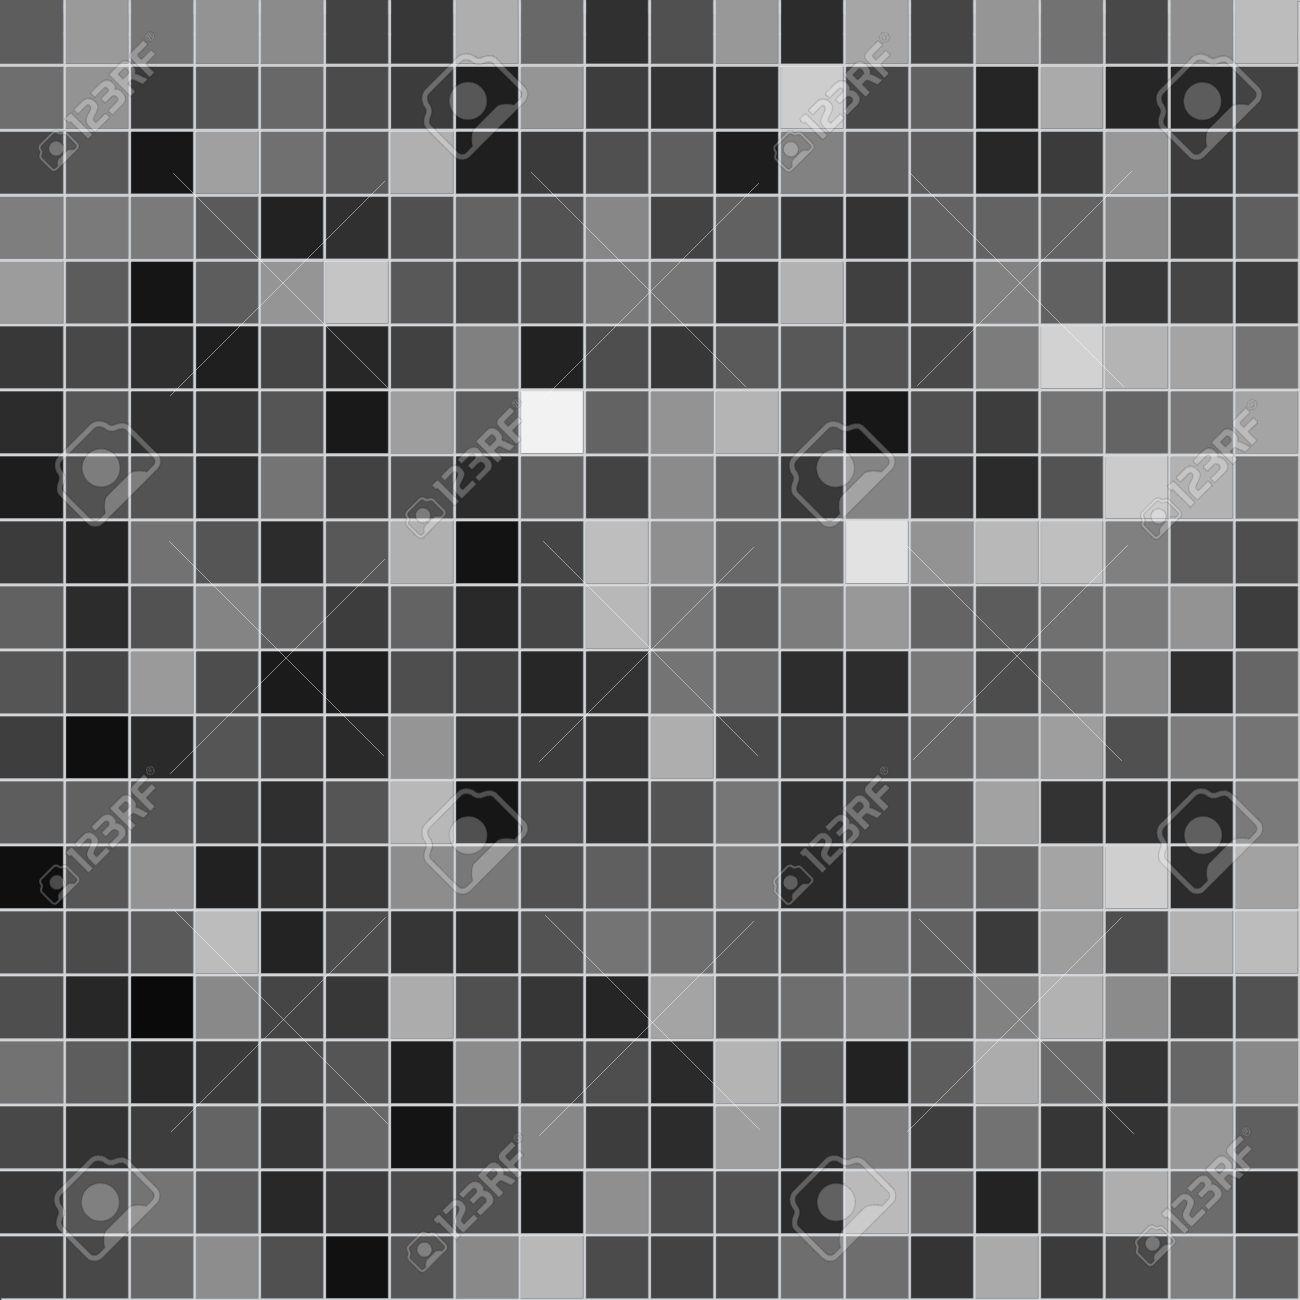 Fliesen Grau Mosaik. Textur Lizenzfreie Fotos, Bilder Und Stock ...